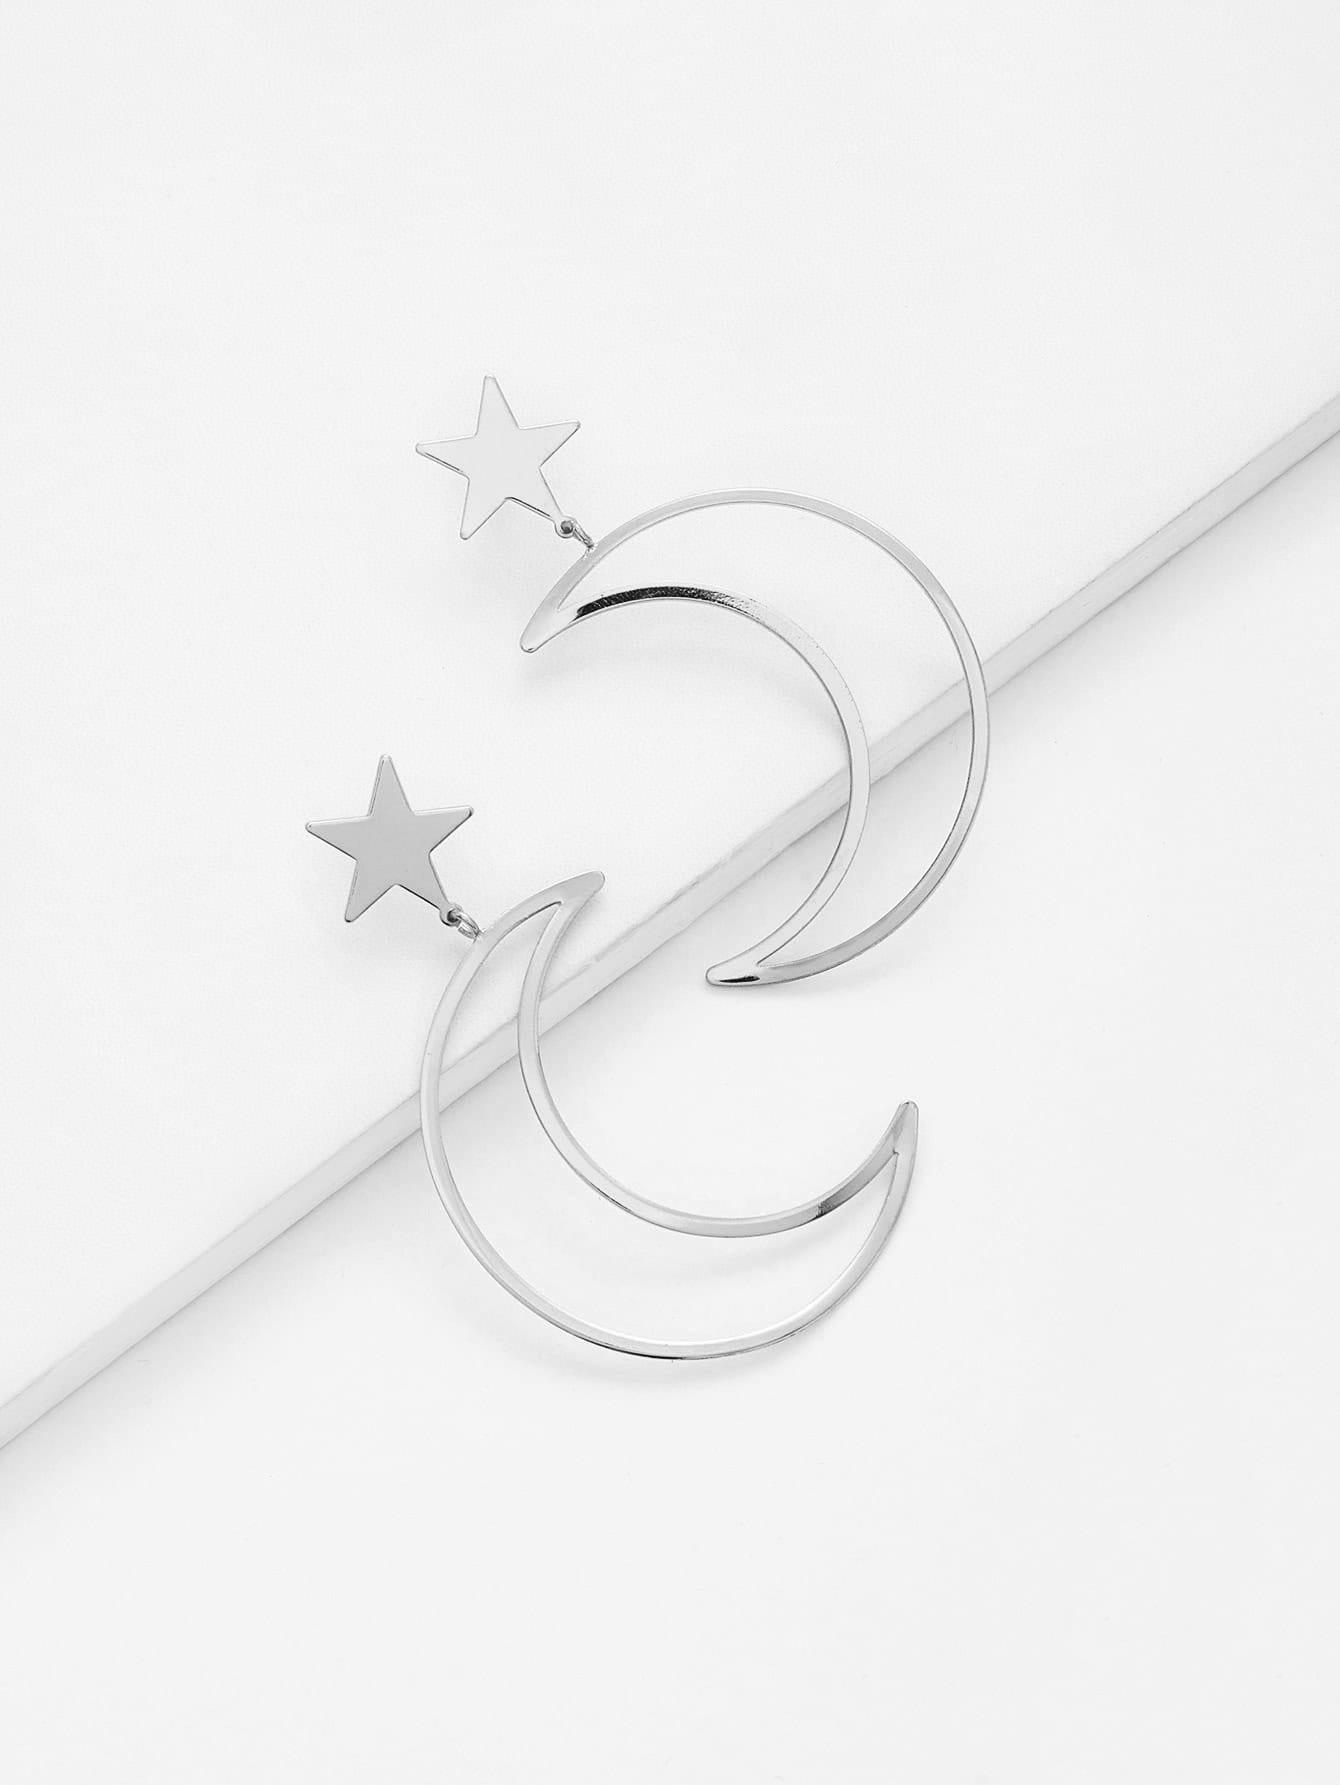 Hollow Moon & Star Design Drop Earrings two tone hollow face design drop earrings